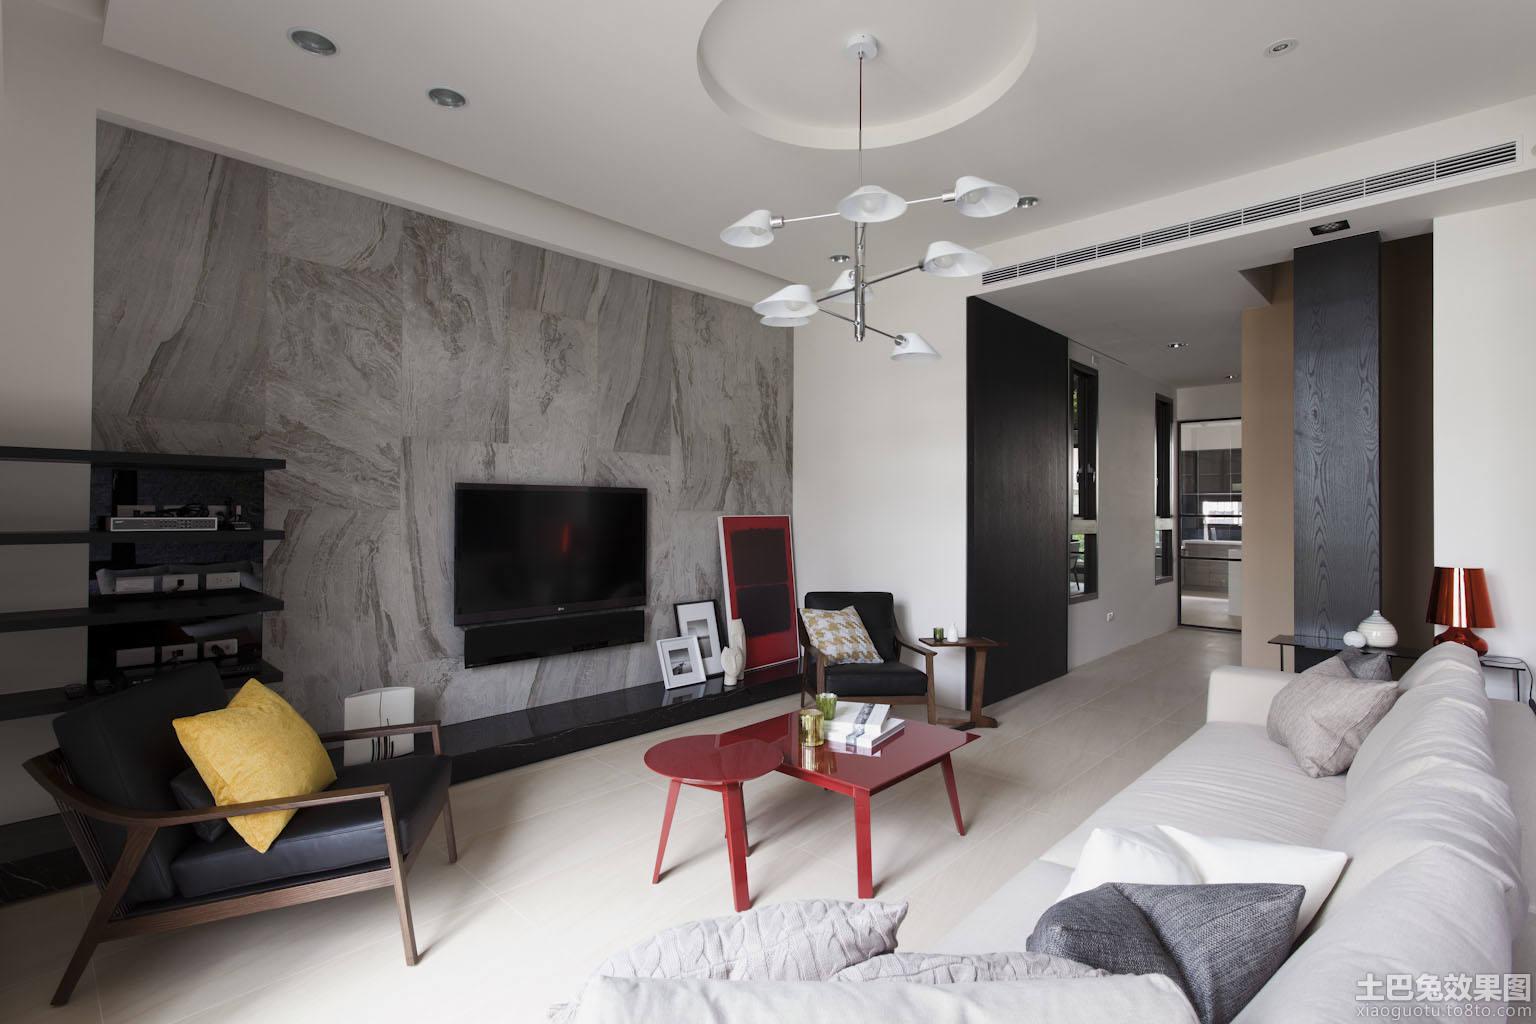 装修效果图 > 现代简约大户型客厅电视背景墙效果图